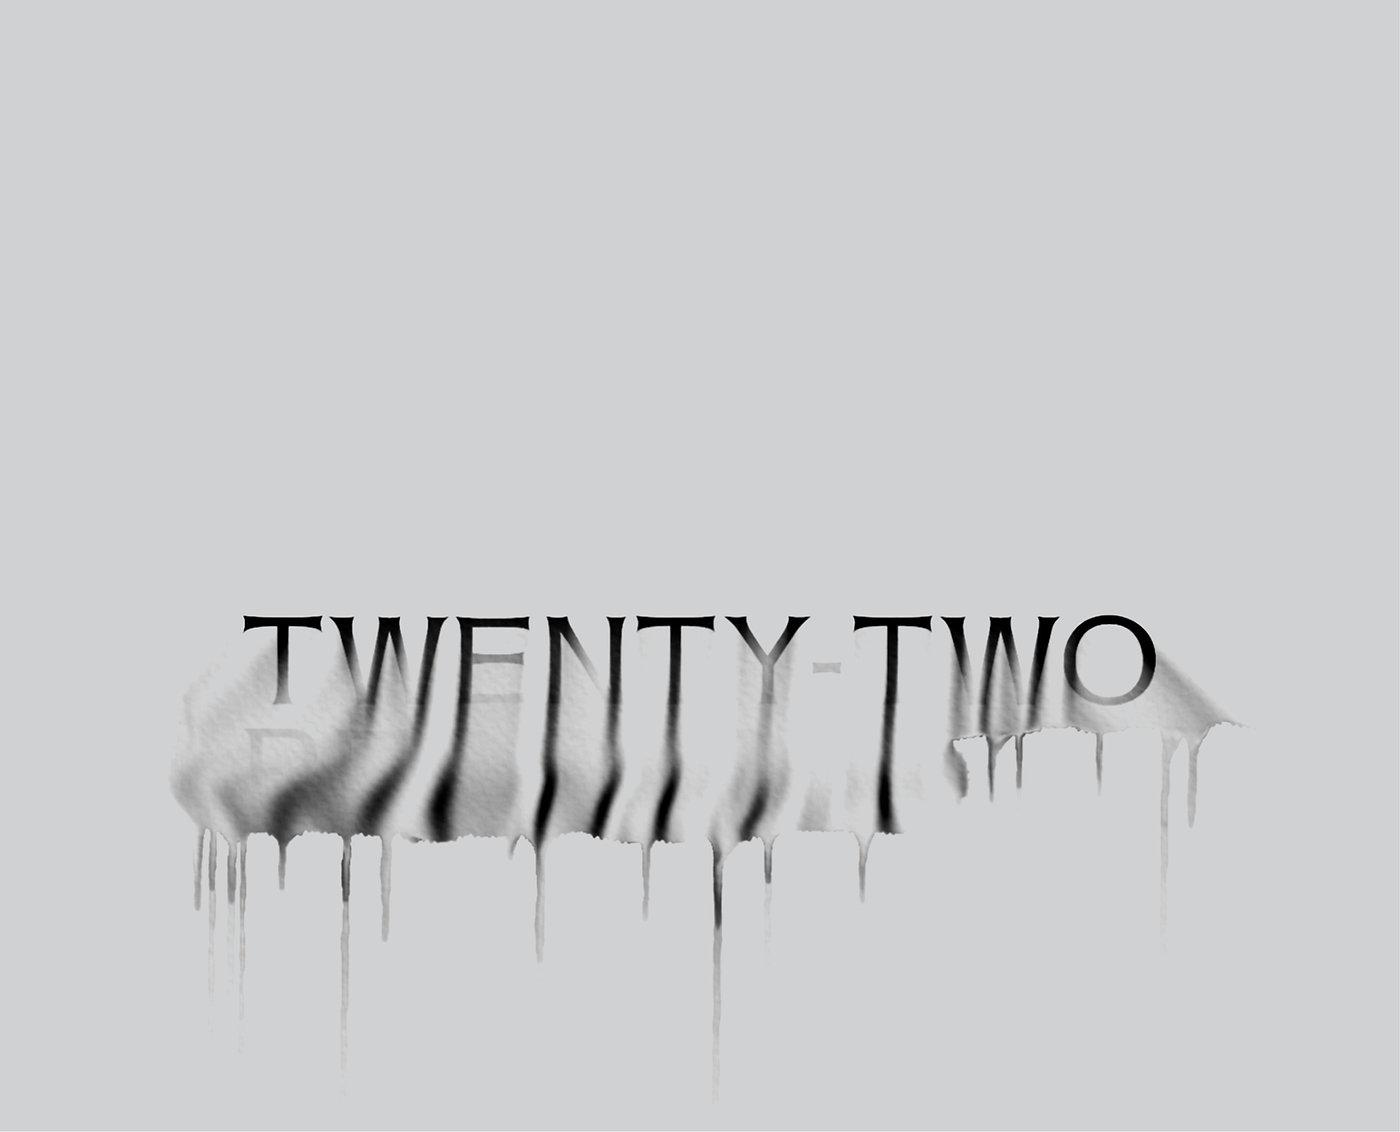 Twentytwo.jpg